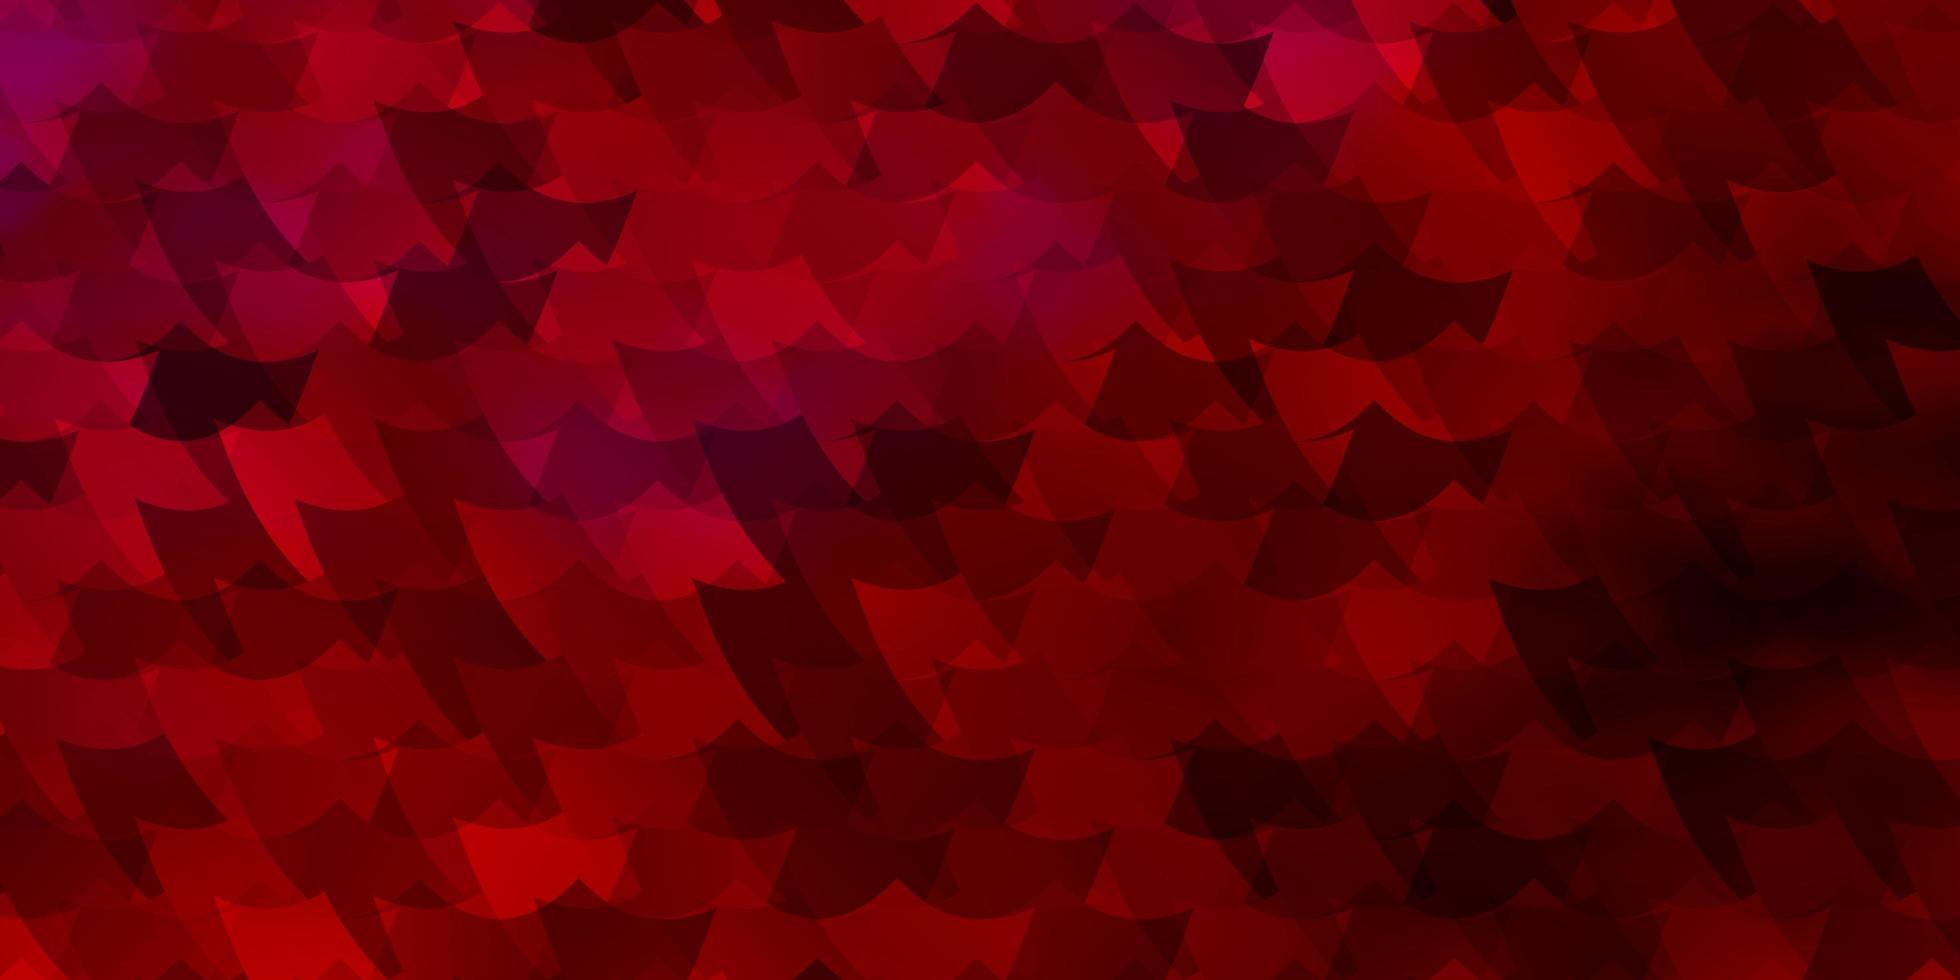 rote Textur im rechteckigen Stil. vektor